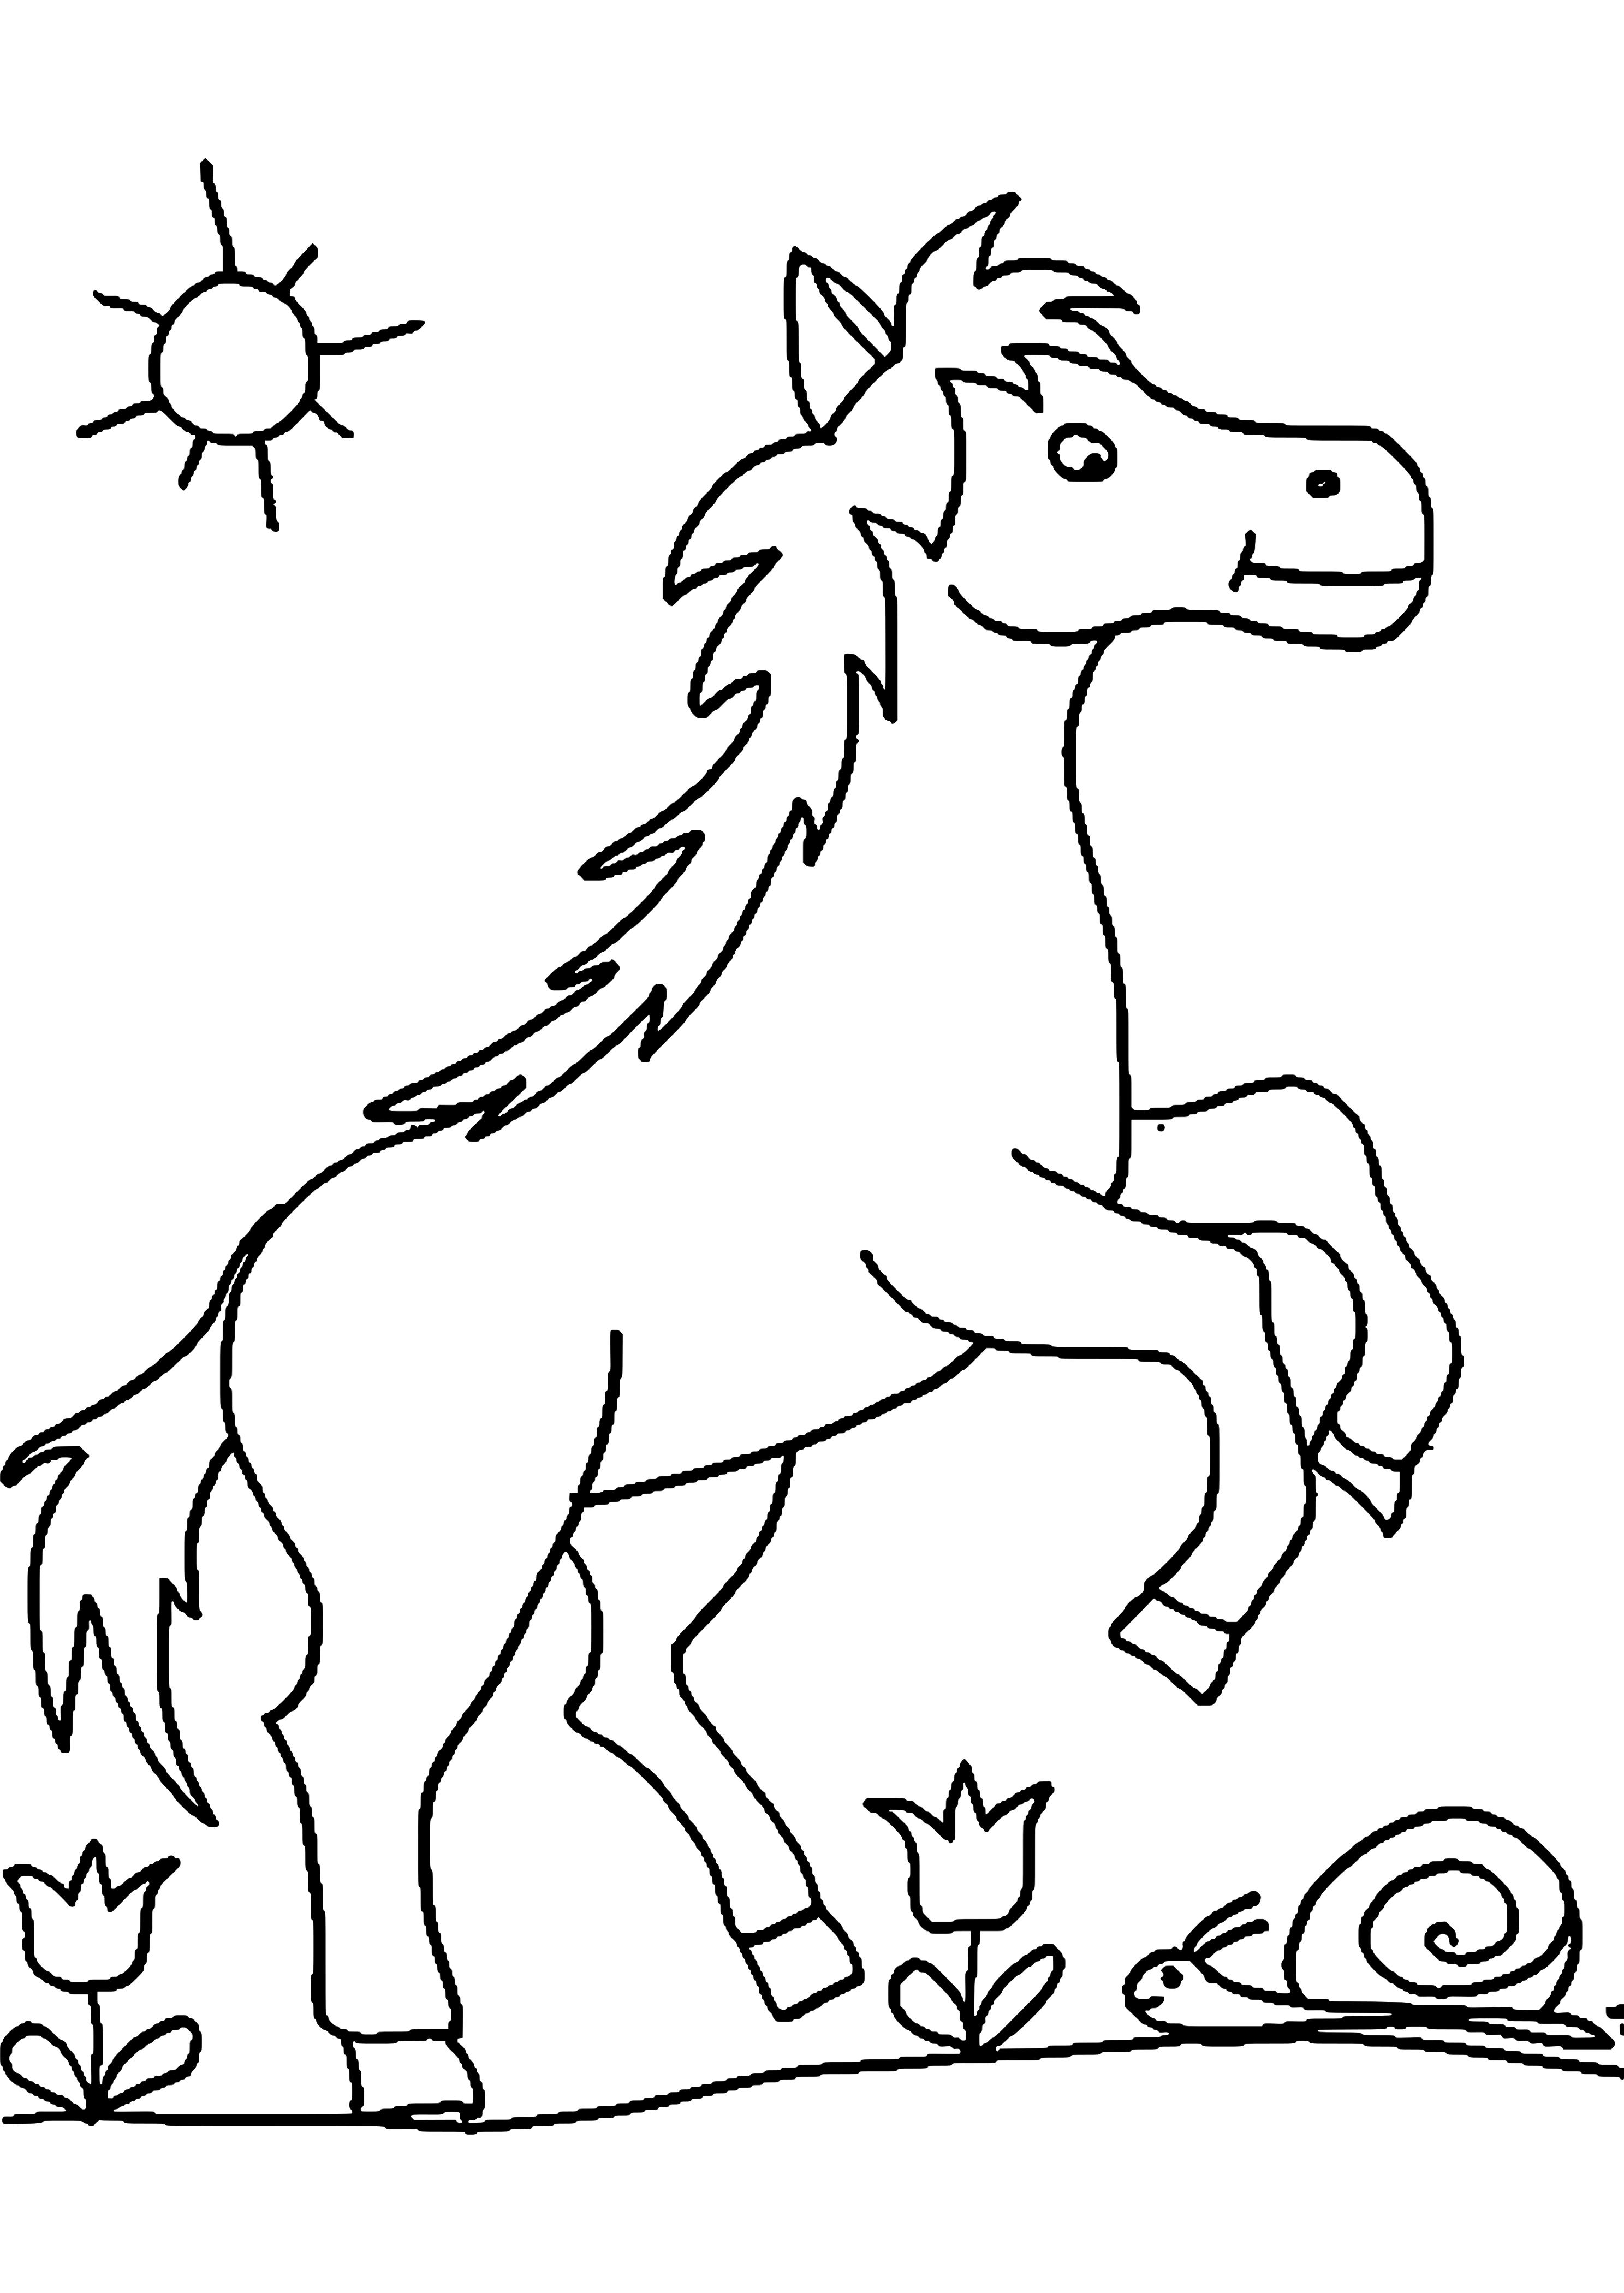 Ausmalbilder Kostenlos Ausdrucken Pferde Malvorlagen Pferde Ausmalbilder Pferde Ausmalbilder